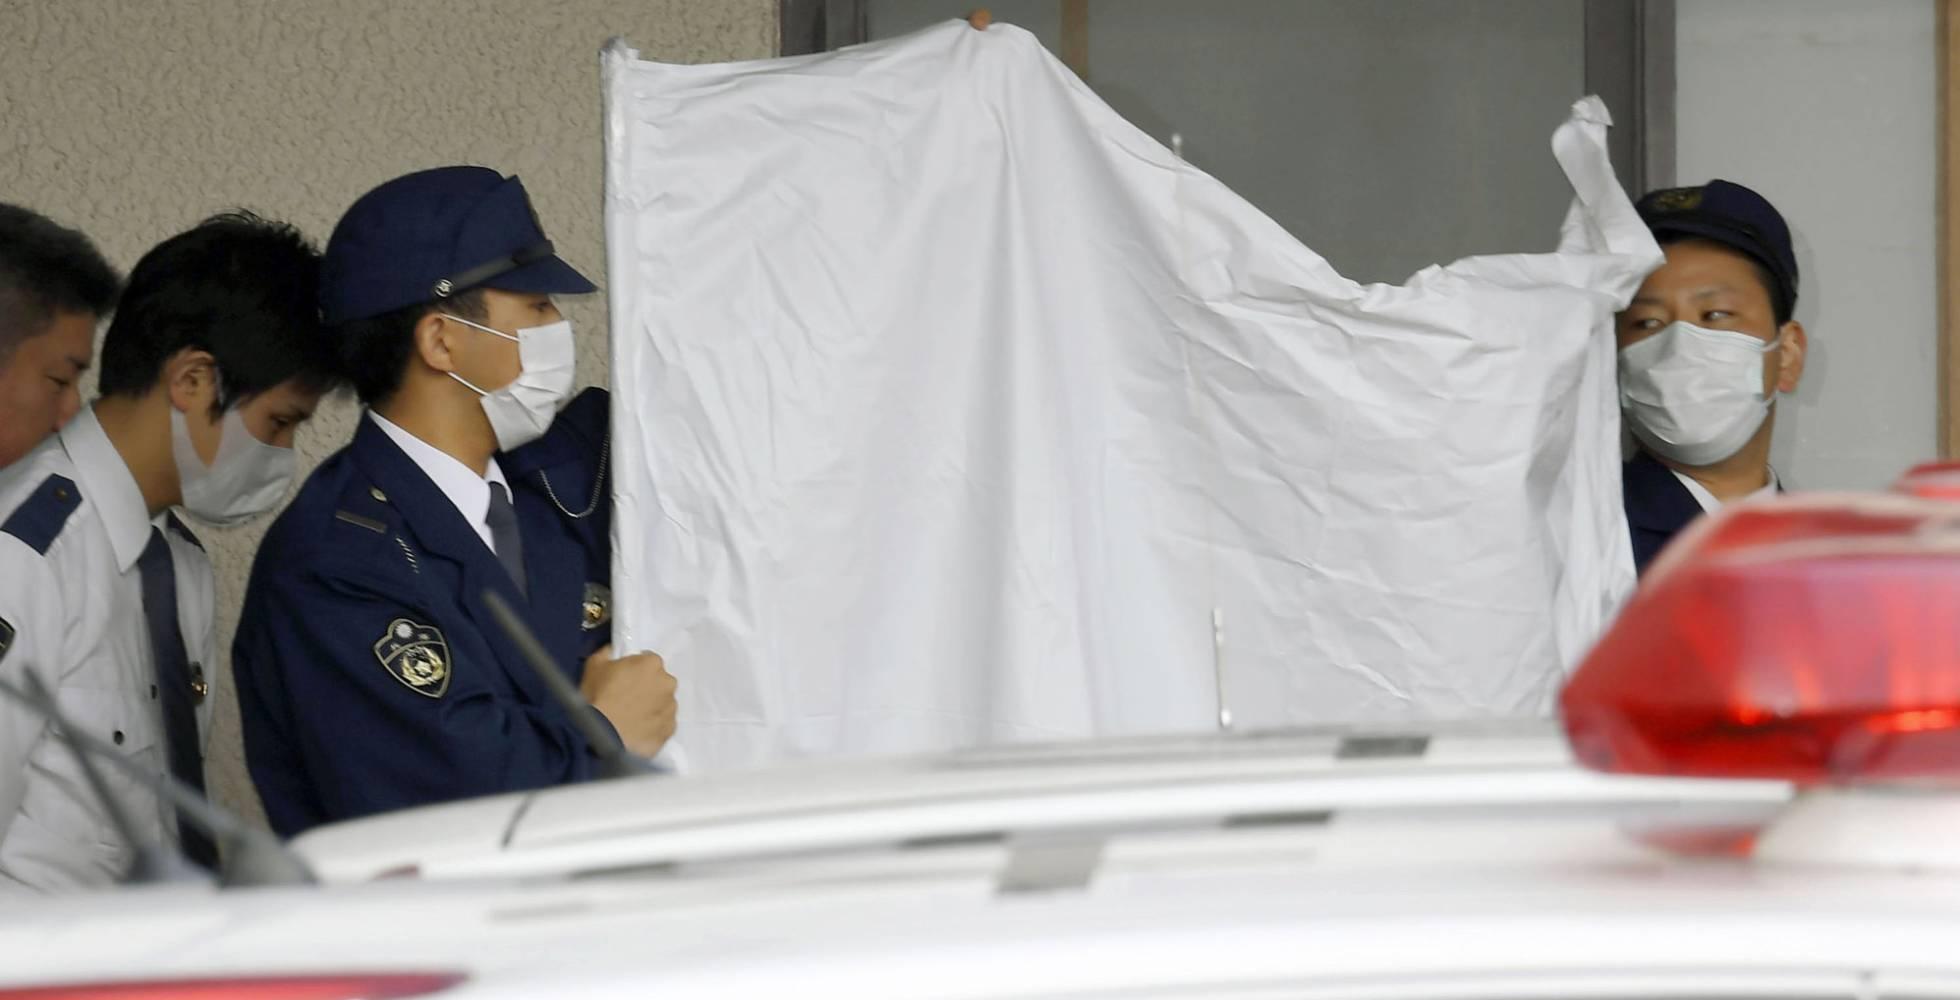 Lo detienen por confinar a su hijo durante 20 años en Japón